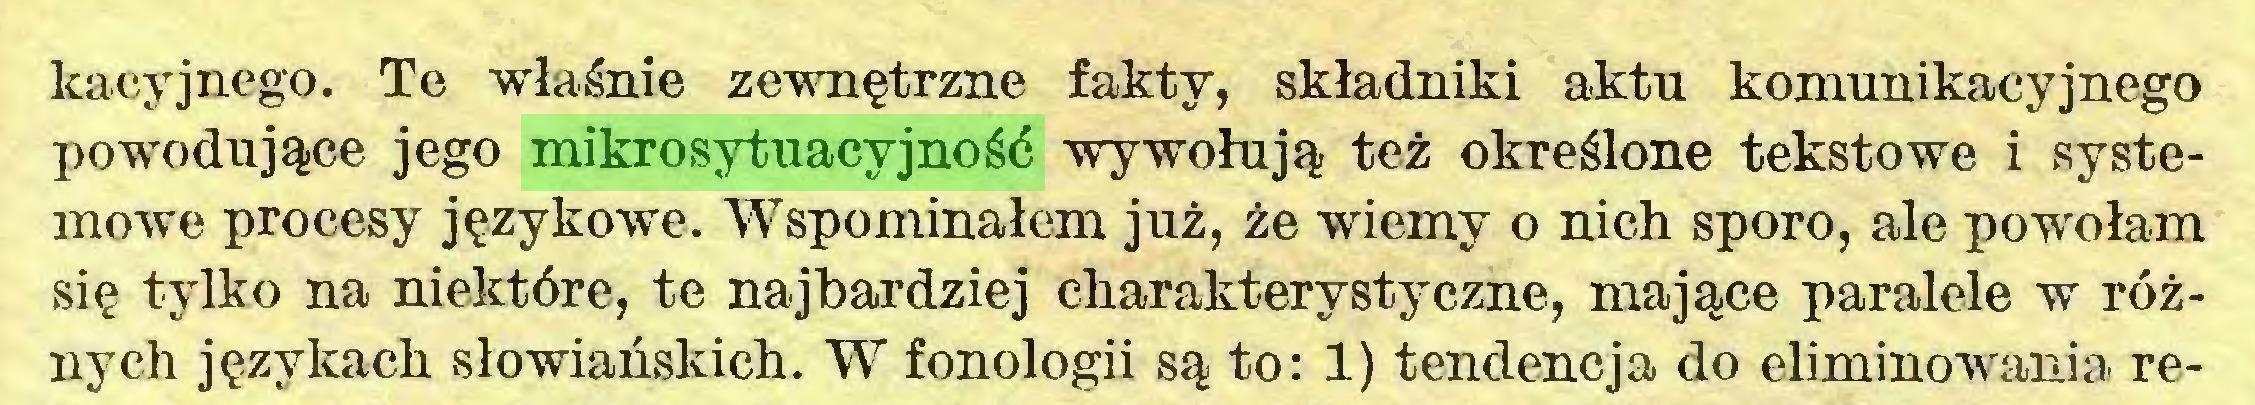 (...) kacyjnego. Te właśnie zewnętrzne fakty, składniki aktn komunikacyjnego powodujące jego mikrosytuacyjność wywołują też określone tekstowe i systemowe procesy językowe. Wspominałem już, że wiemy o nich sporo, ale powołam się tylko na niektóre, te najbardziej charakterystyczne, mające paralele w różnych językach słowiańskich. W fonologii są to: 1) tendencja do eliminowania re...